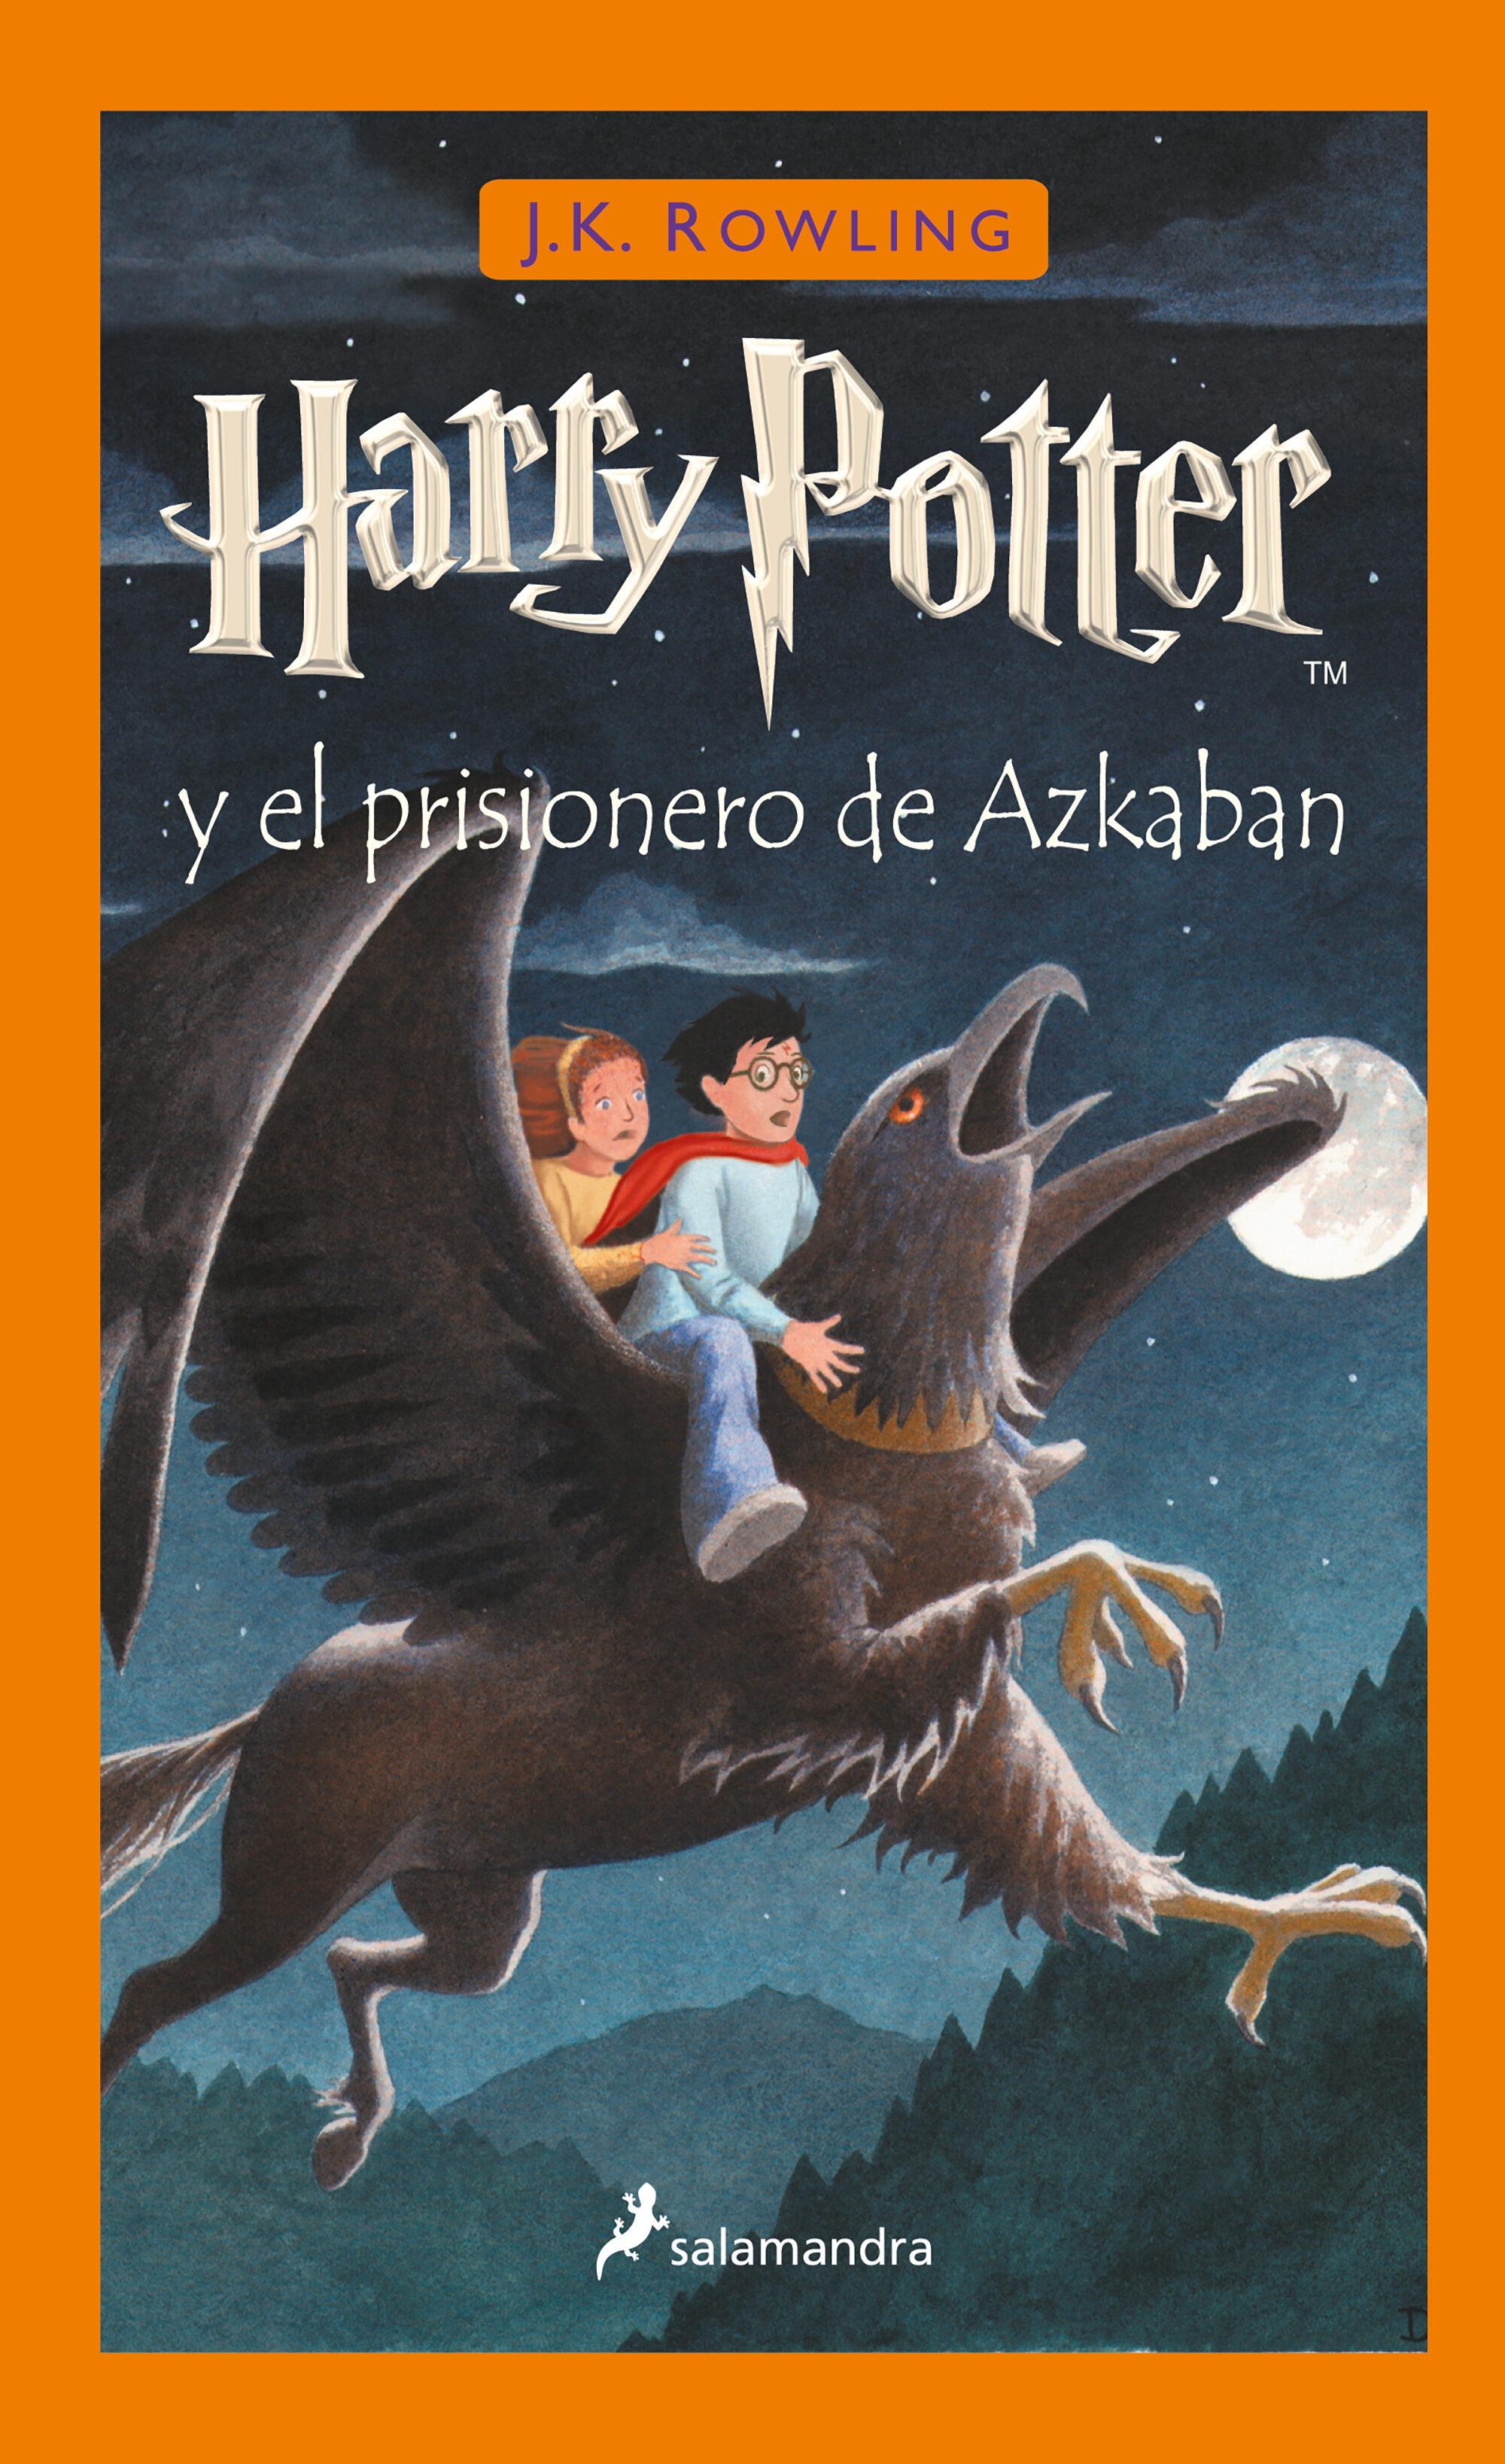 Resultado de imagen de Harry potter y prisionero libro